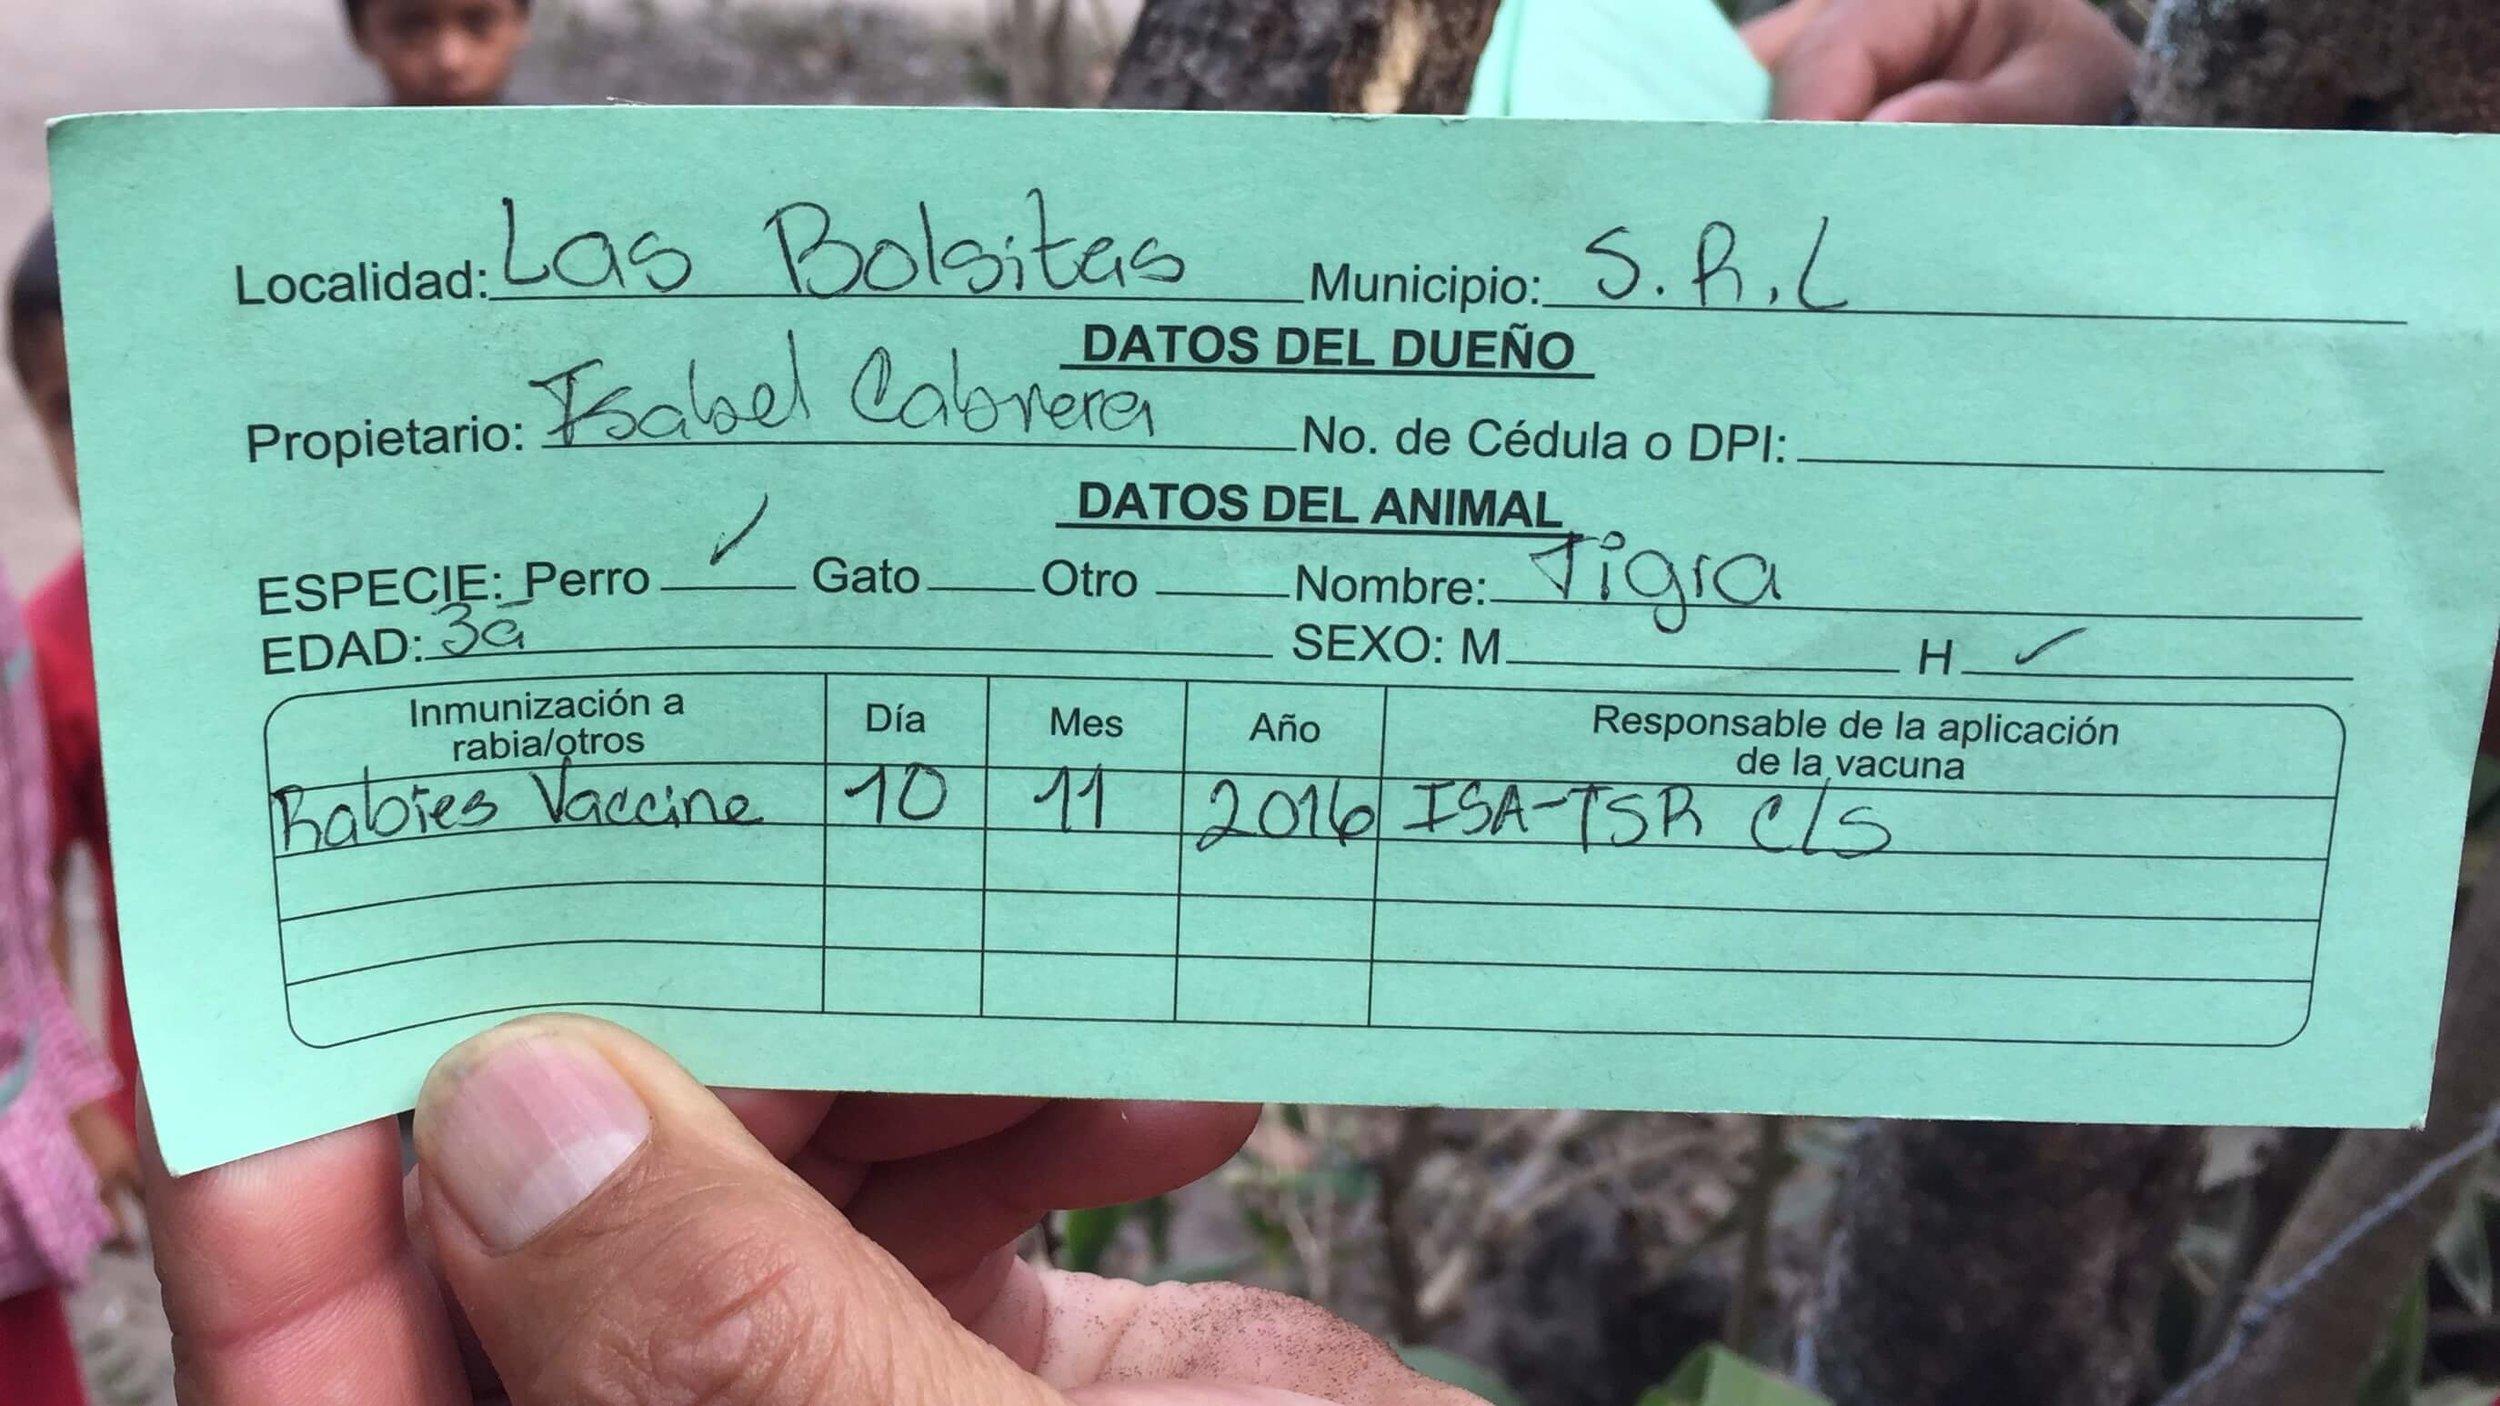 Tigra's Rabies Vaccination Certificate